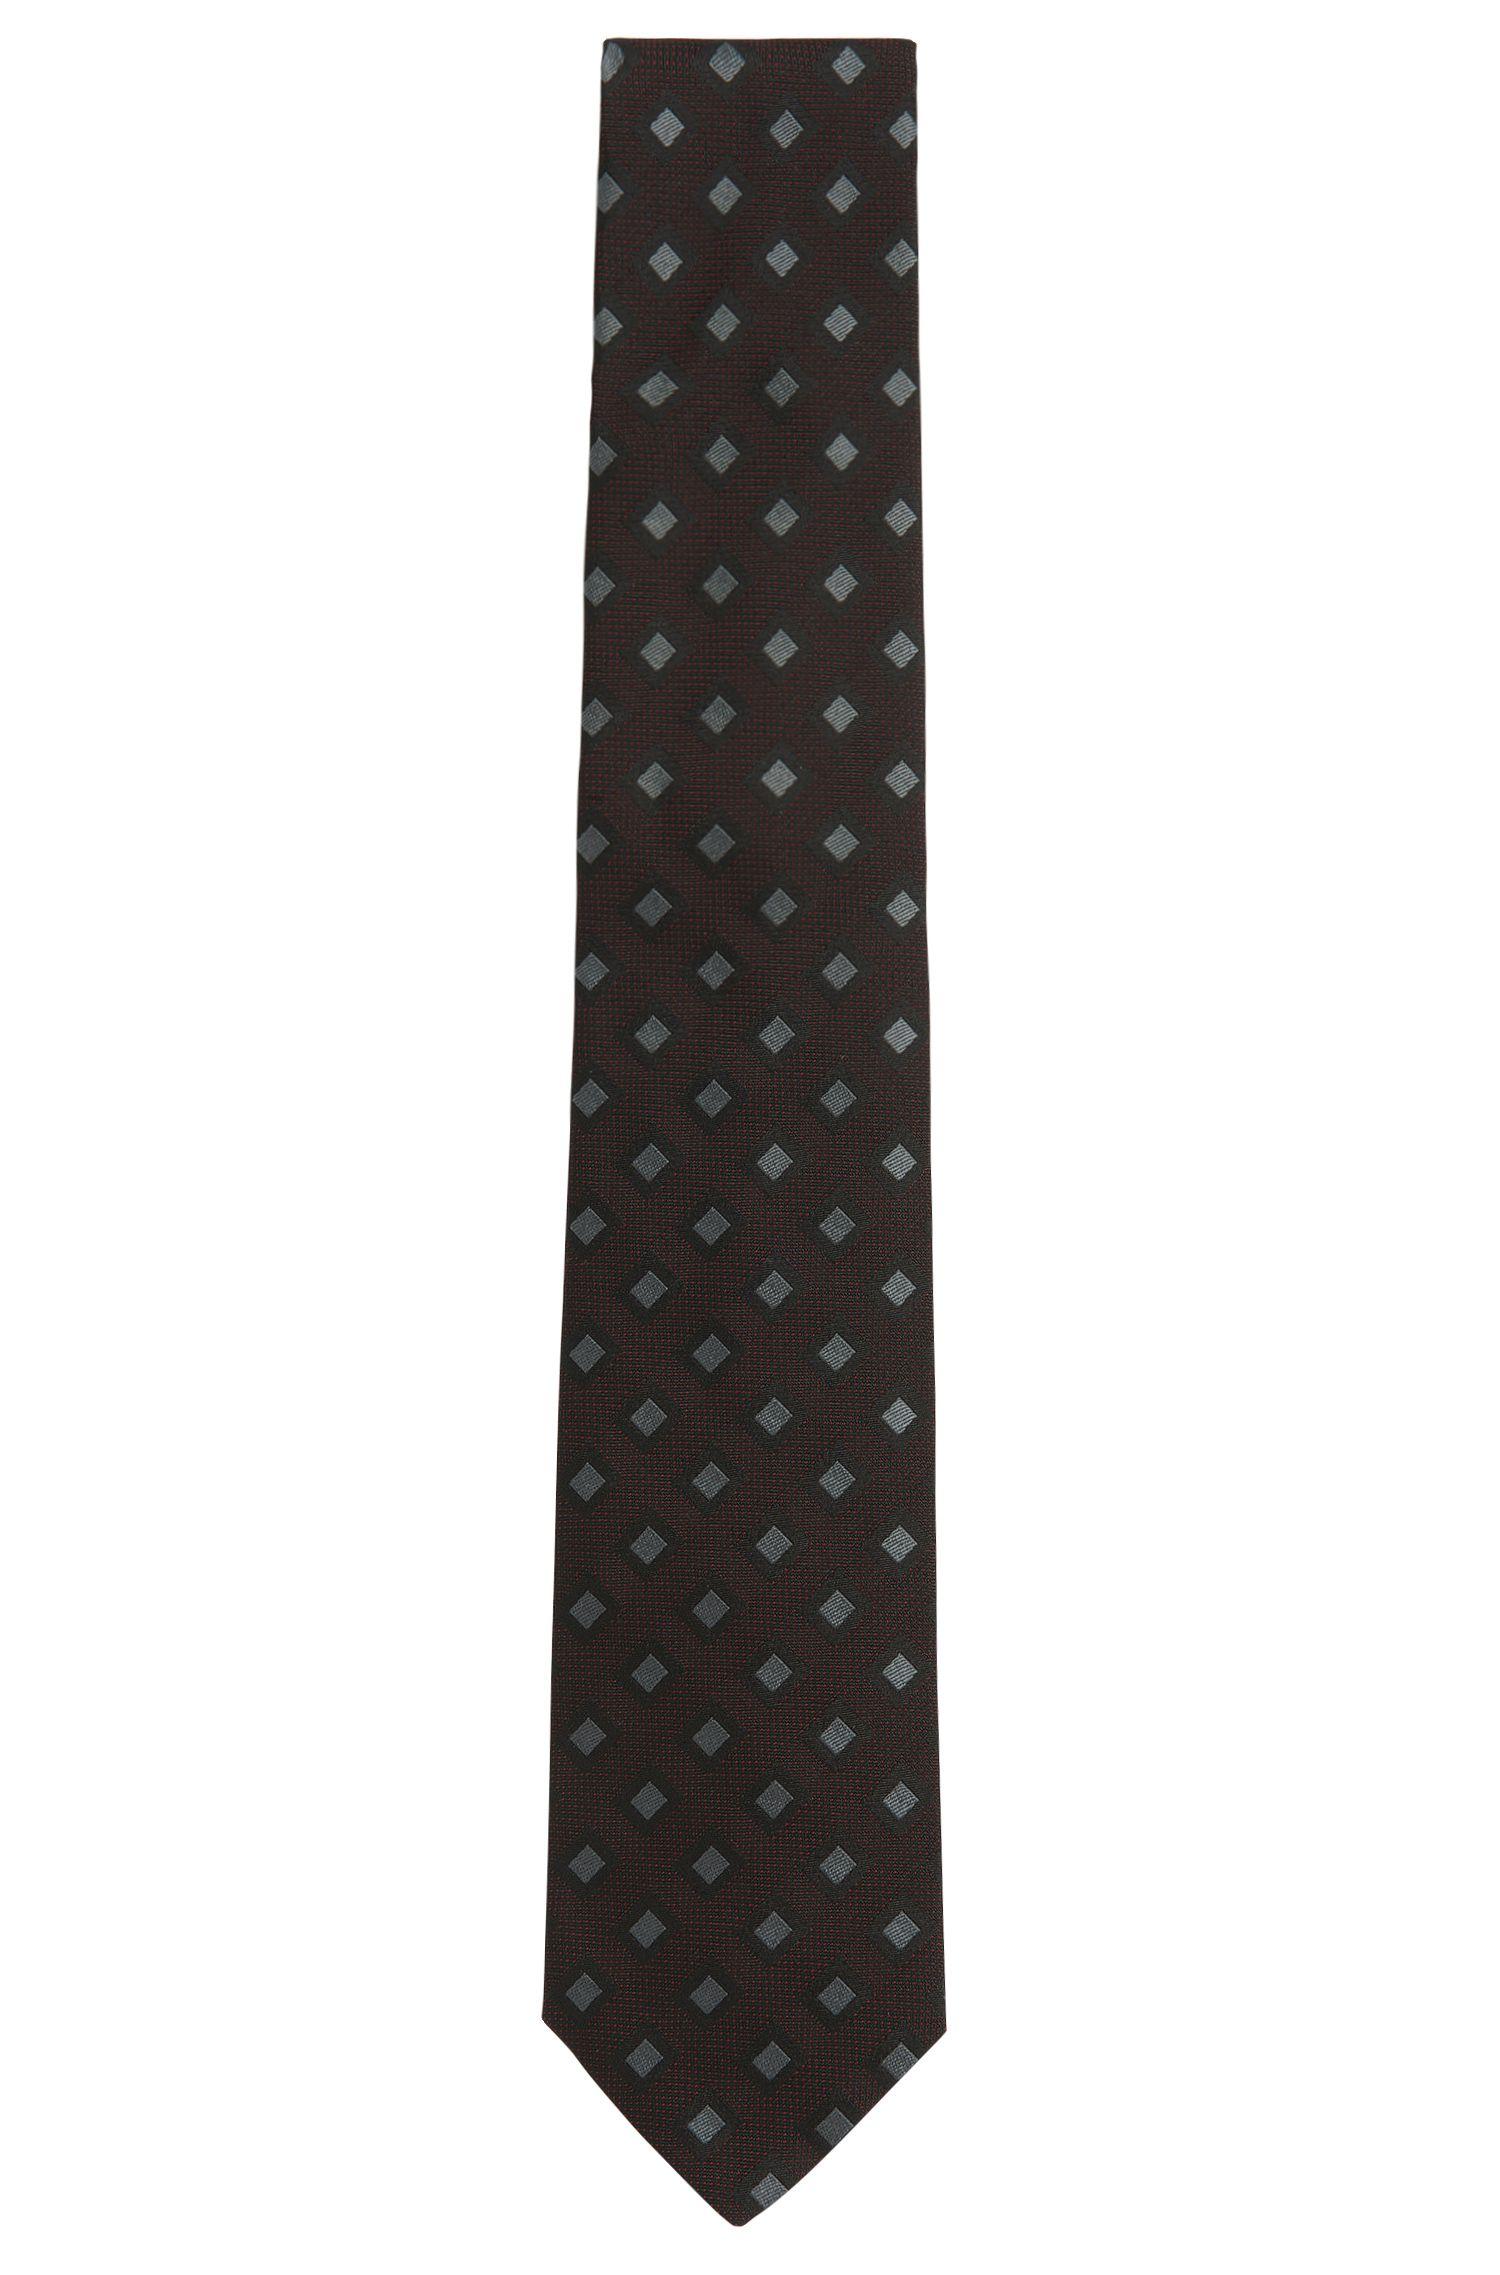 Tailored Krawatte aus Seide mit Rauten-Muster: 'T-Tie 7,5 cm'